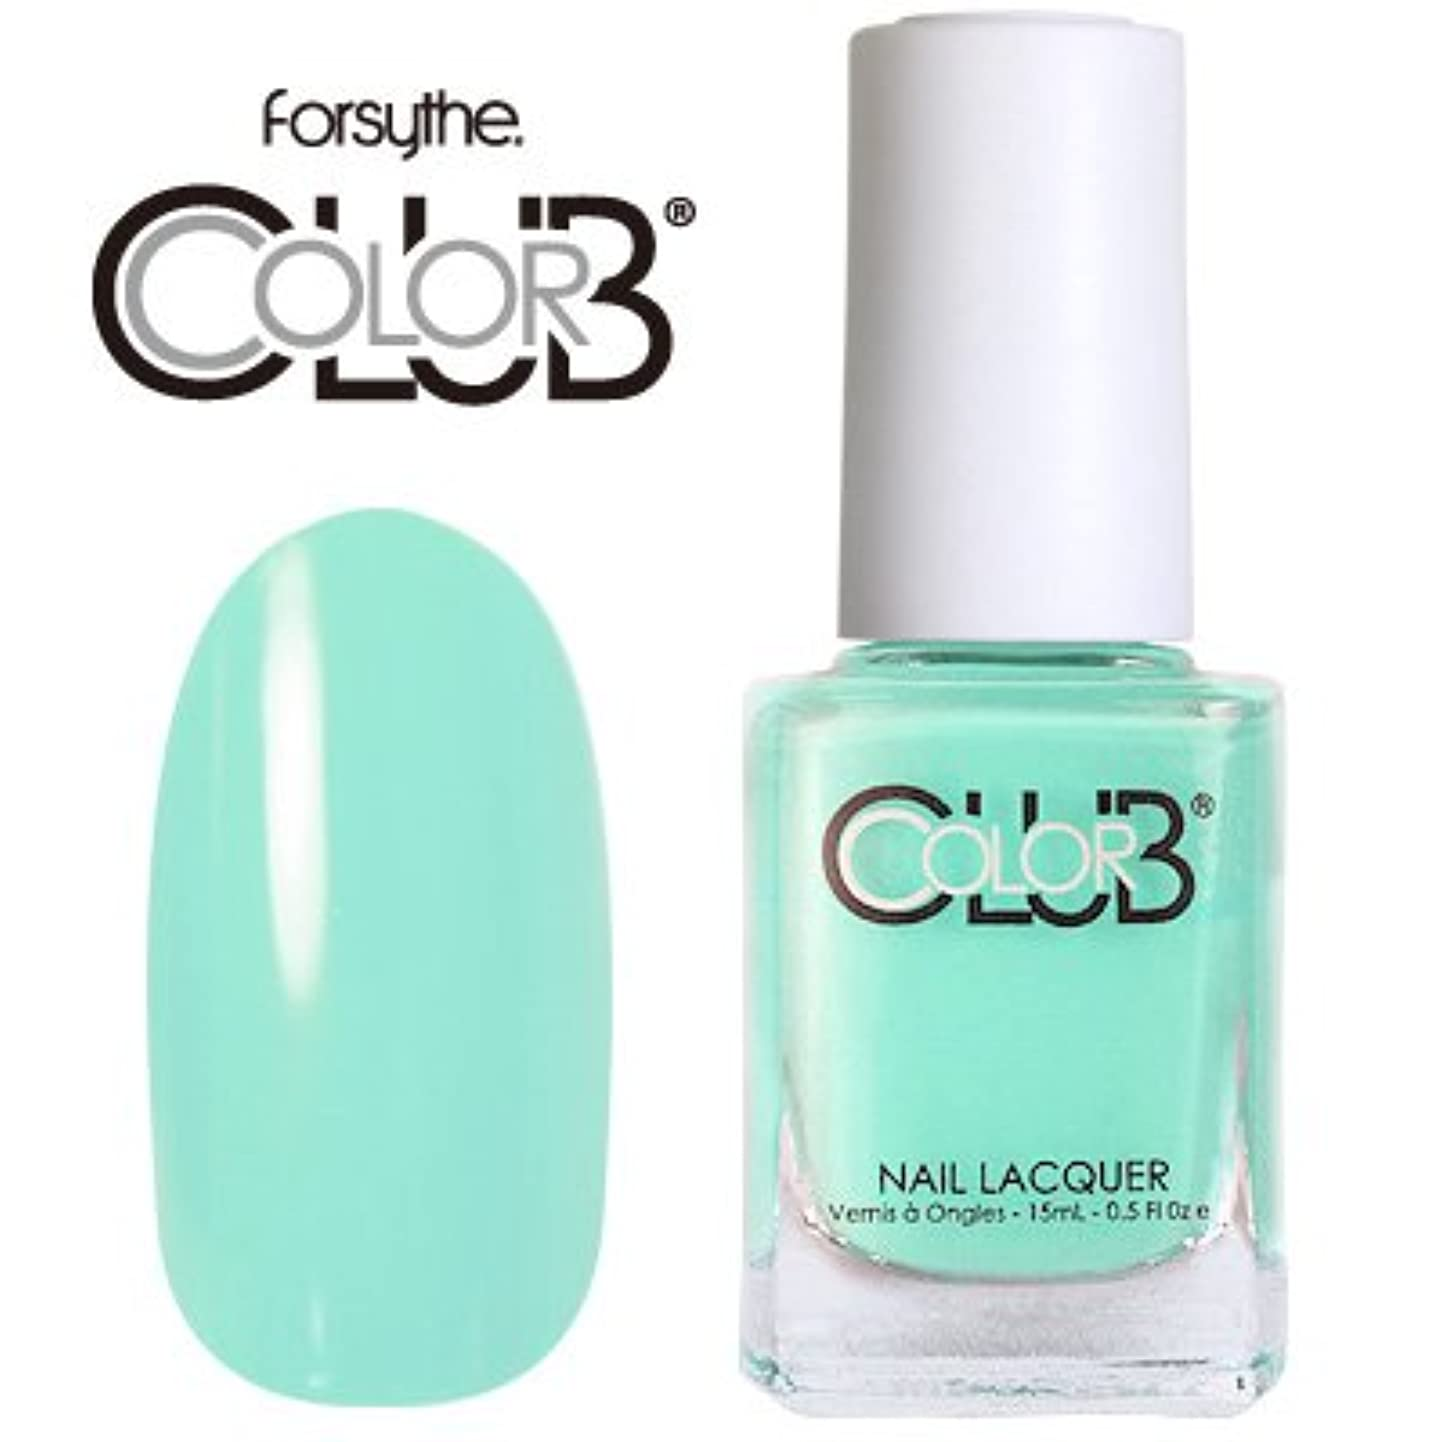 債権者保護合唱団フォーサイス カラークラブ 954/Blue-ming 【forsythe COLOR CLUB】【ネイルラッカー】【マニキュア】